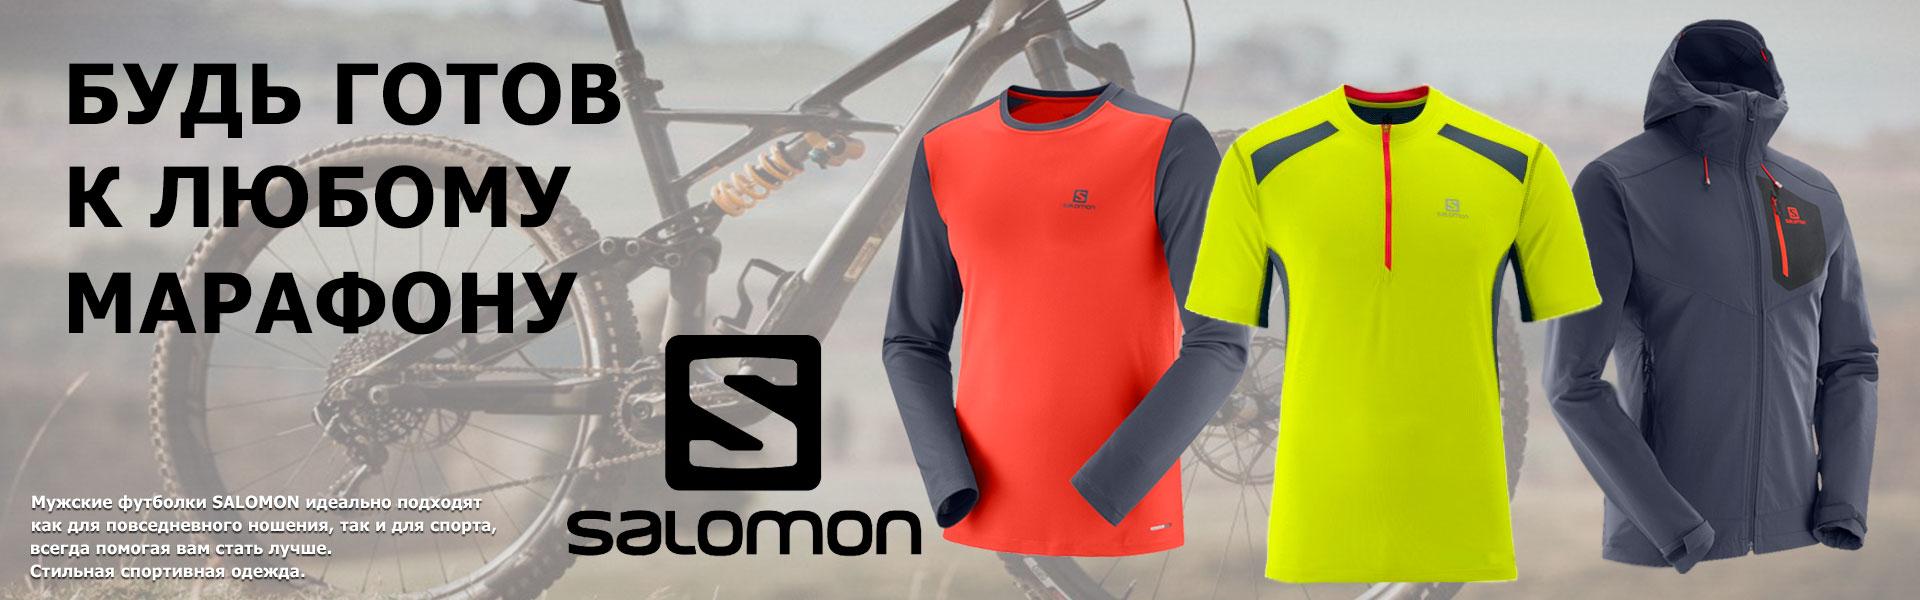 Спортивная одежда Salomon